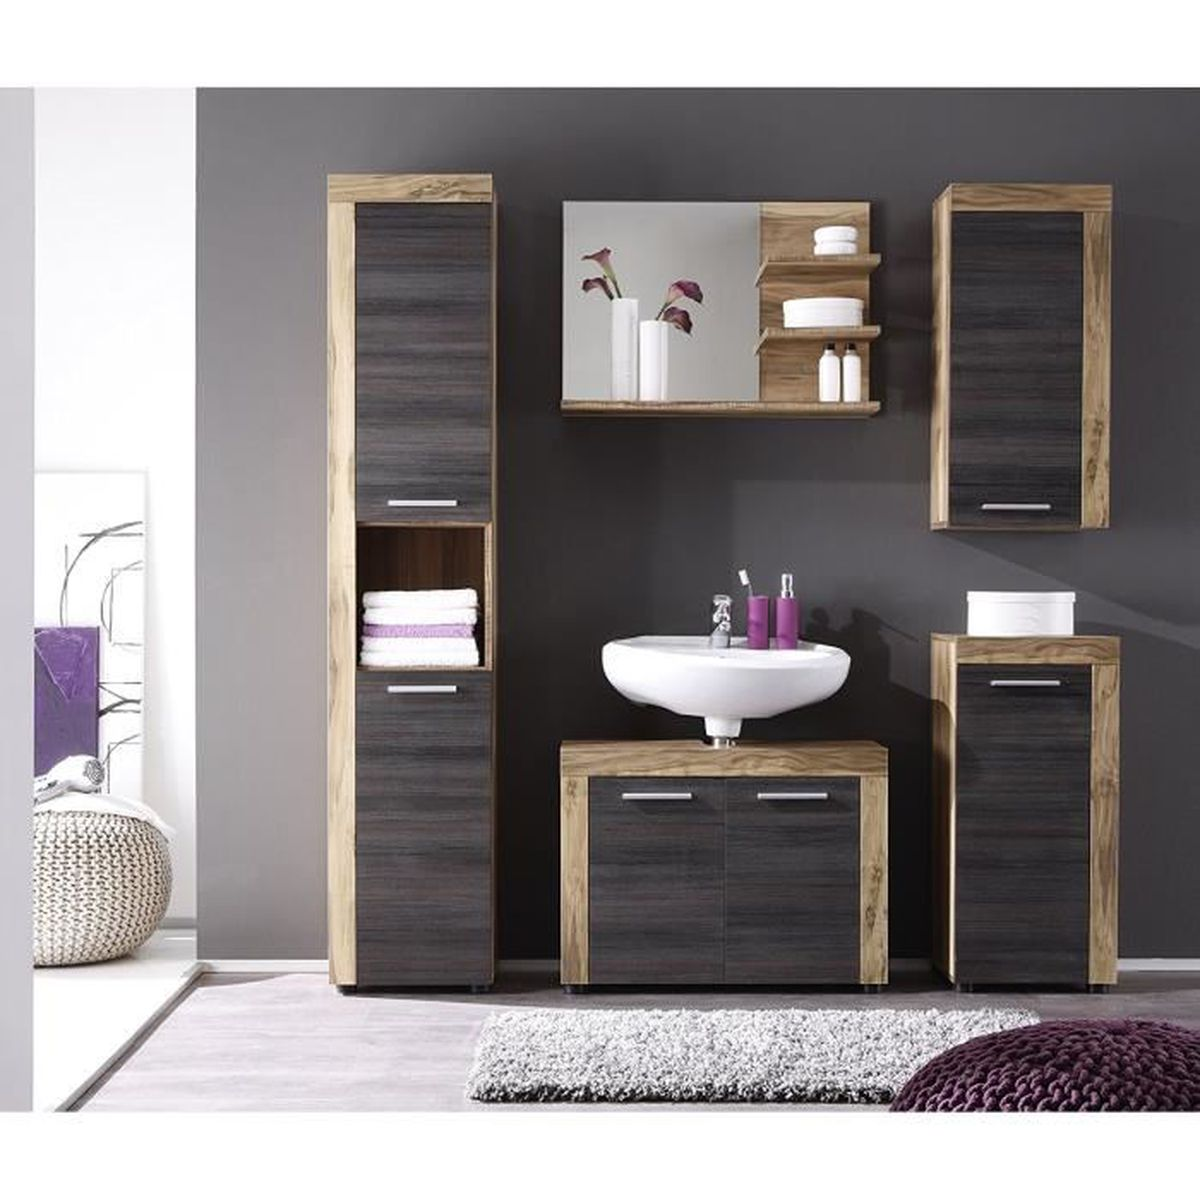 Ensemble 5 meubles de salle de bain noyer finition satin e for Finition meuble